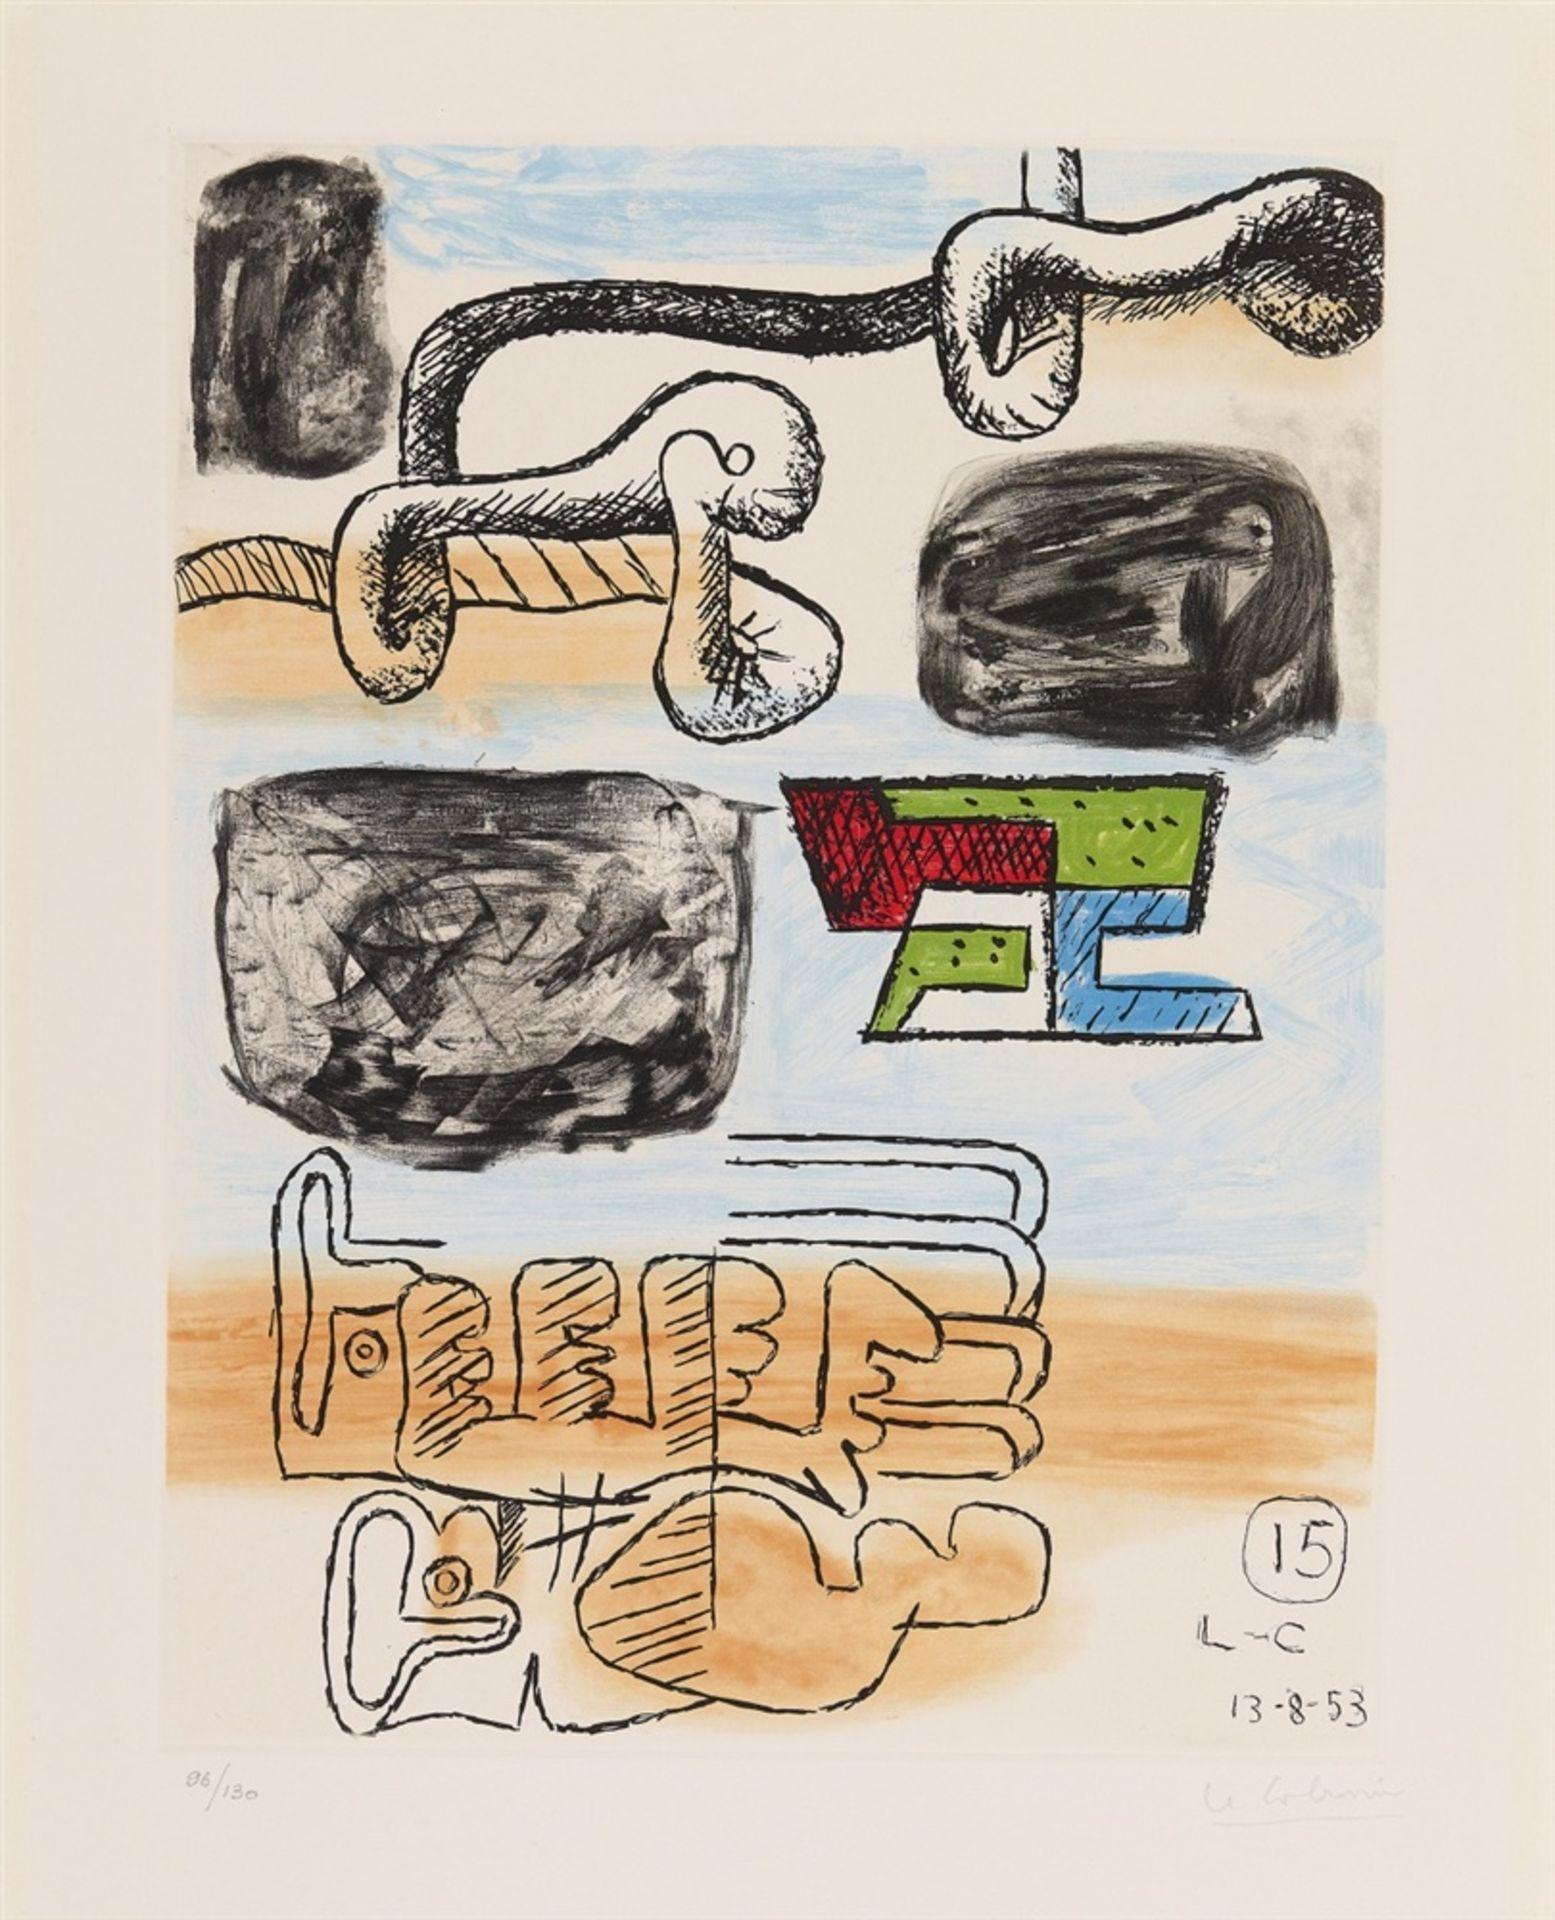 Le Corbusier (Charles-Édouard Jeanneret)Unité - Bild 10 aus 27